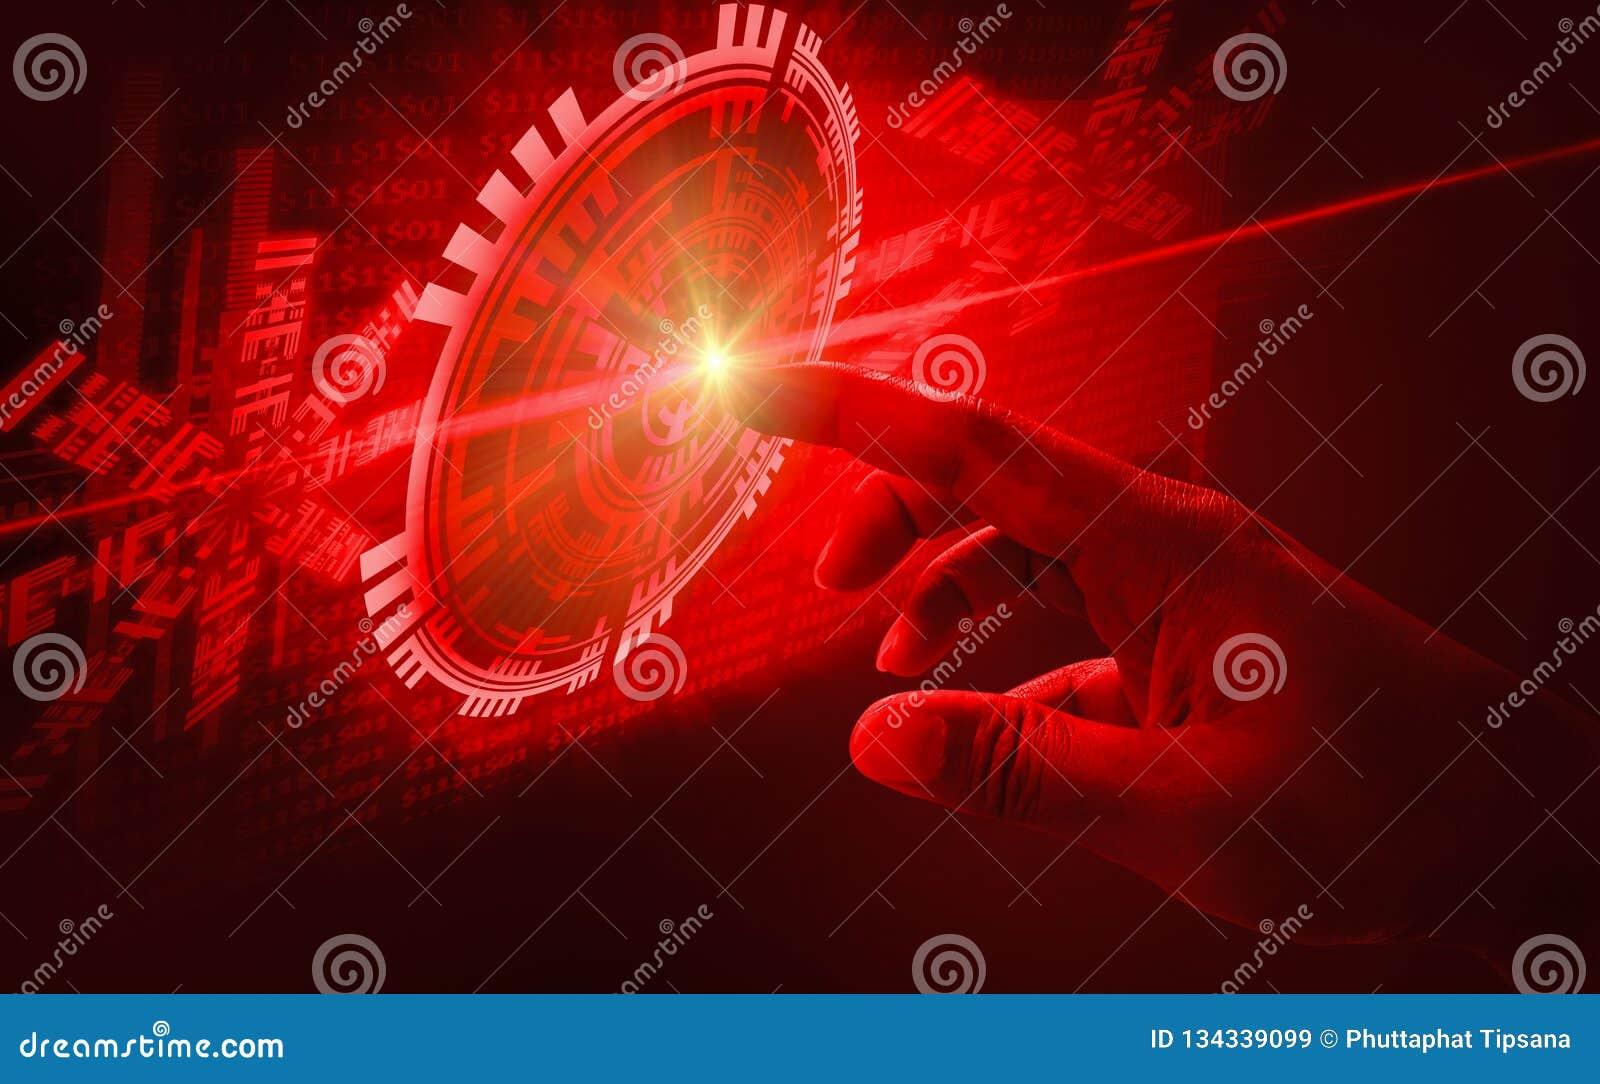 手指接触接口摘要概念,介入非常现代未来派技术和设计,当创新人类,创造